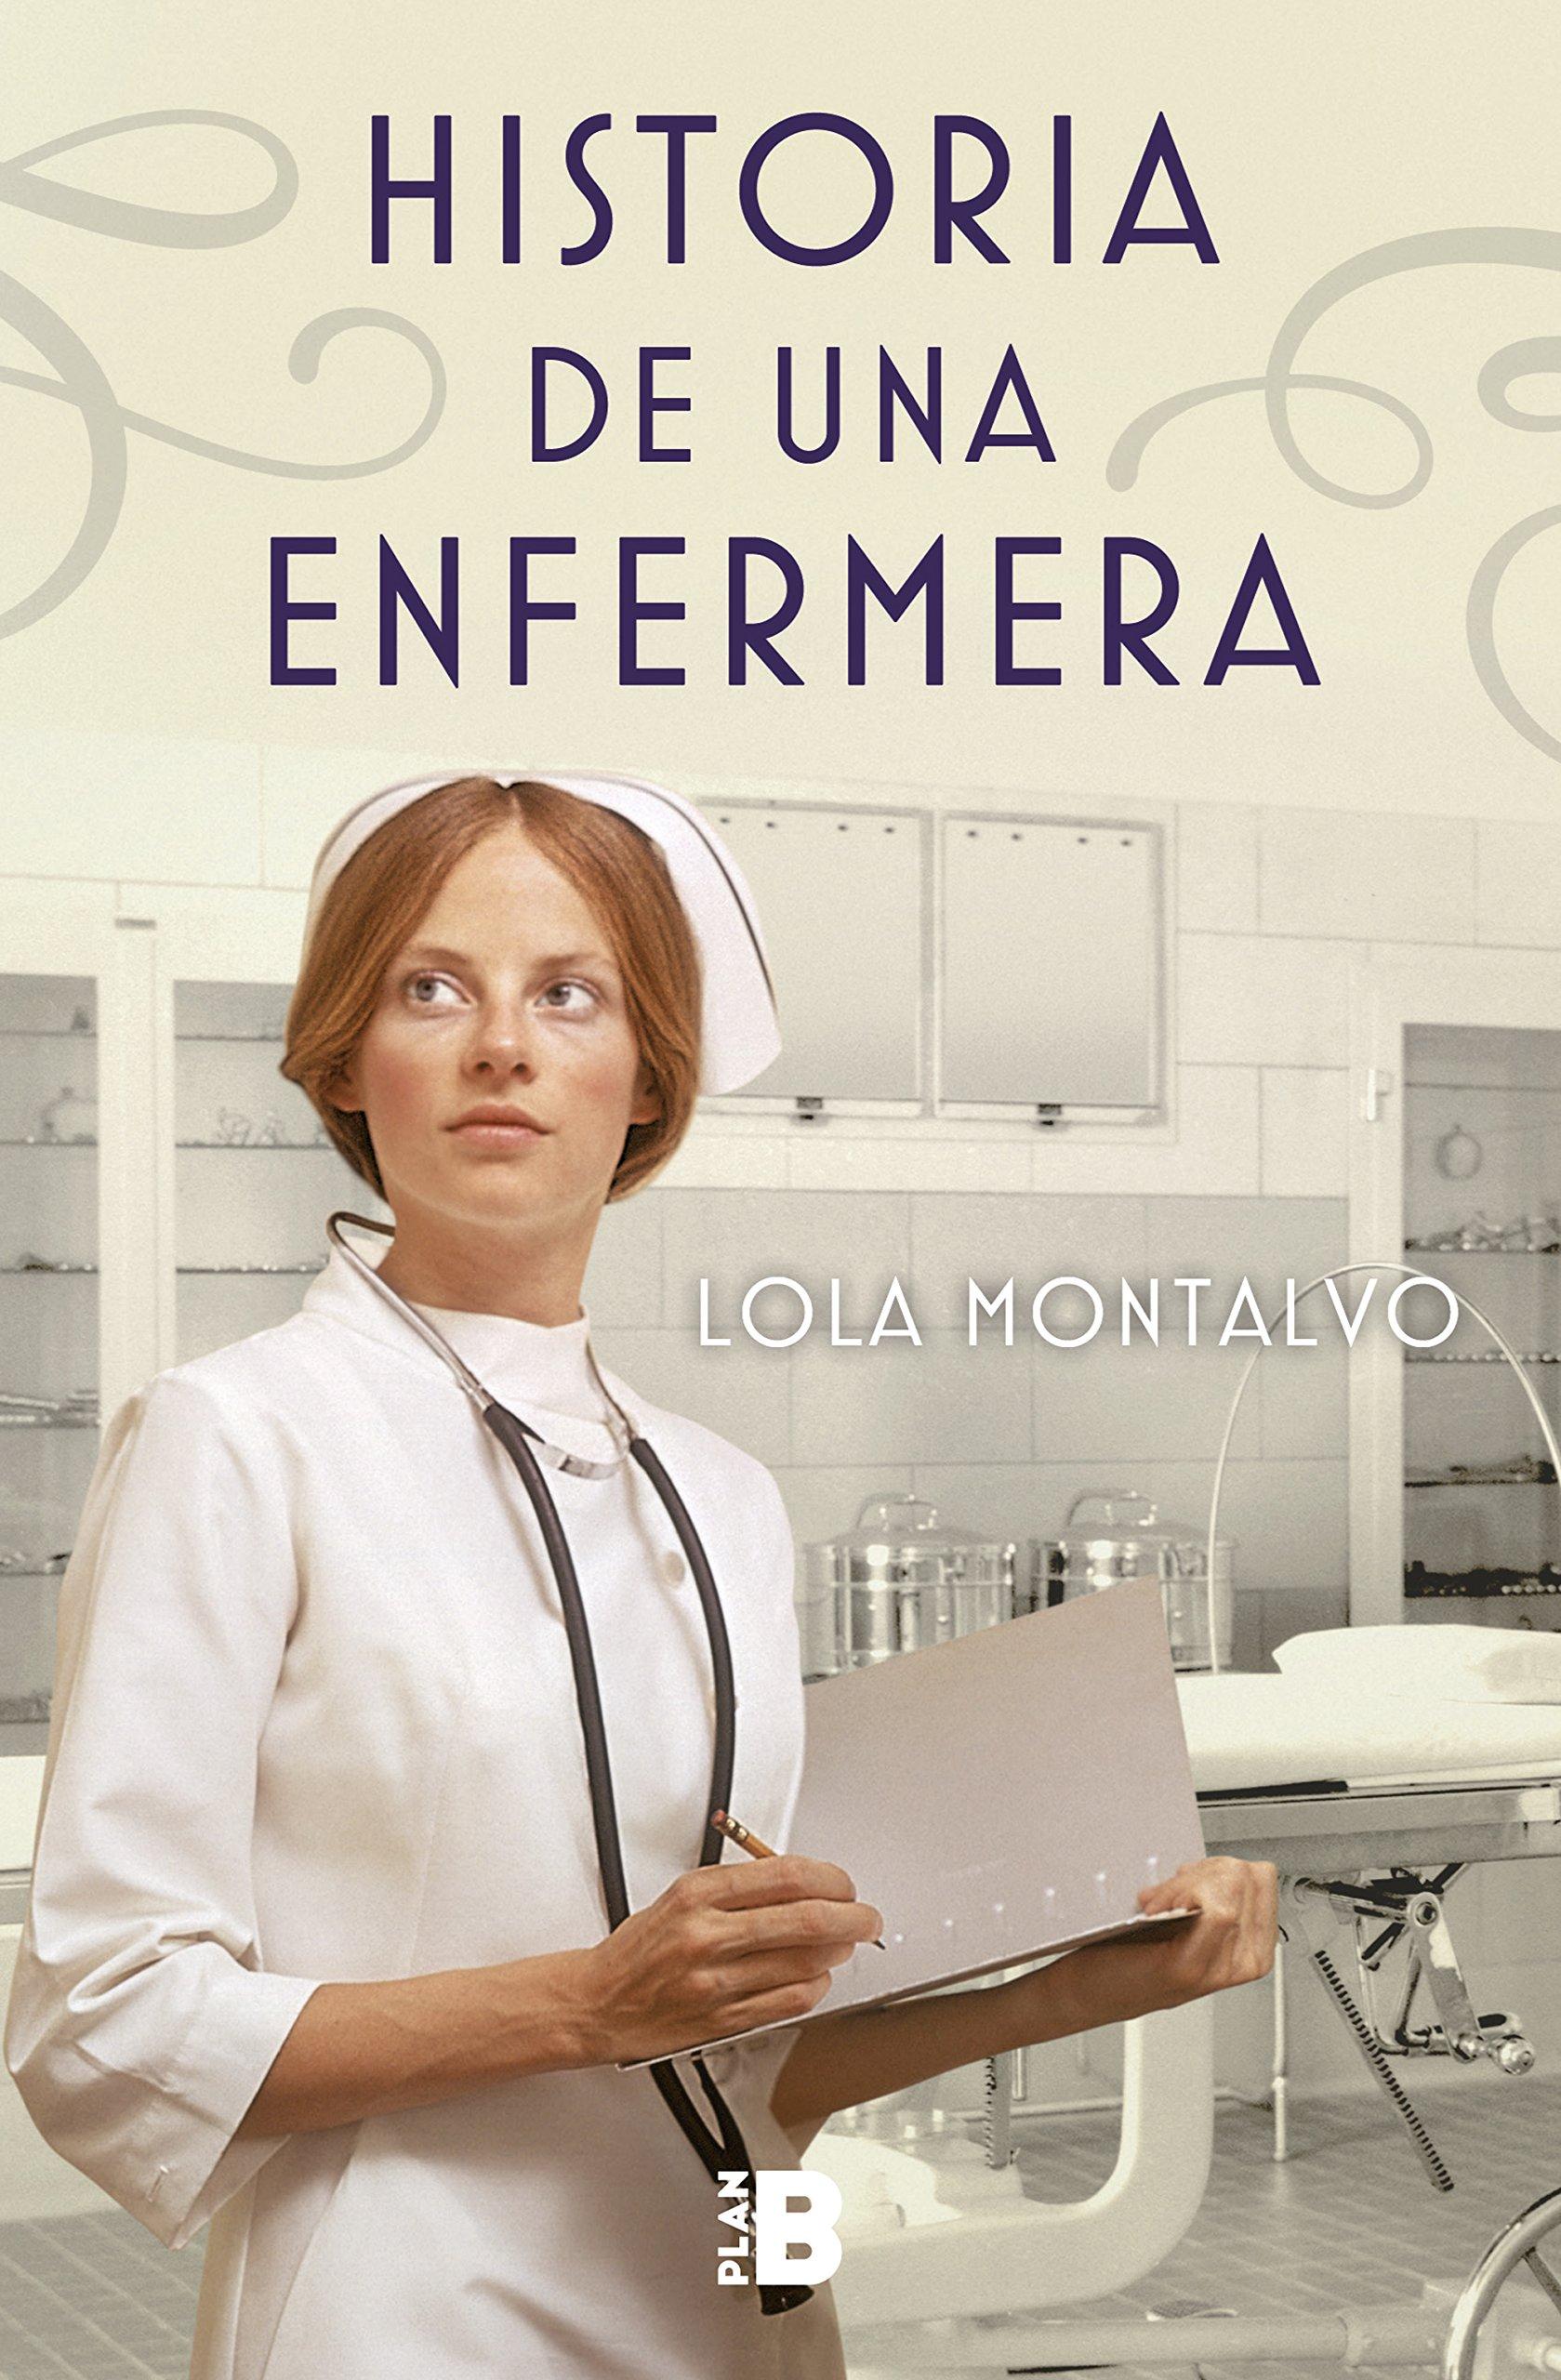 Historia de una enfermera (SIN ASIGNAR): Amazon.es: Lola Montalvo: Libros